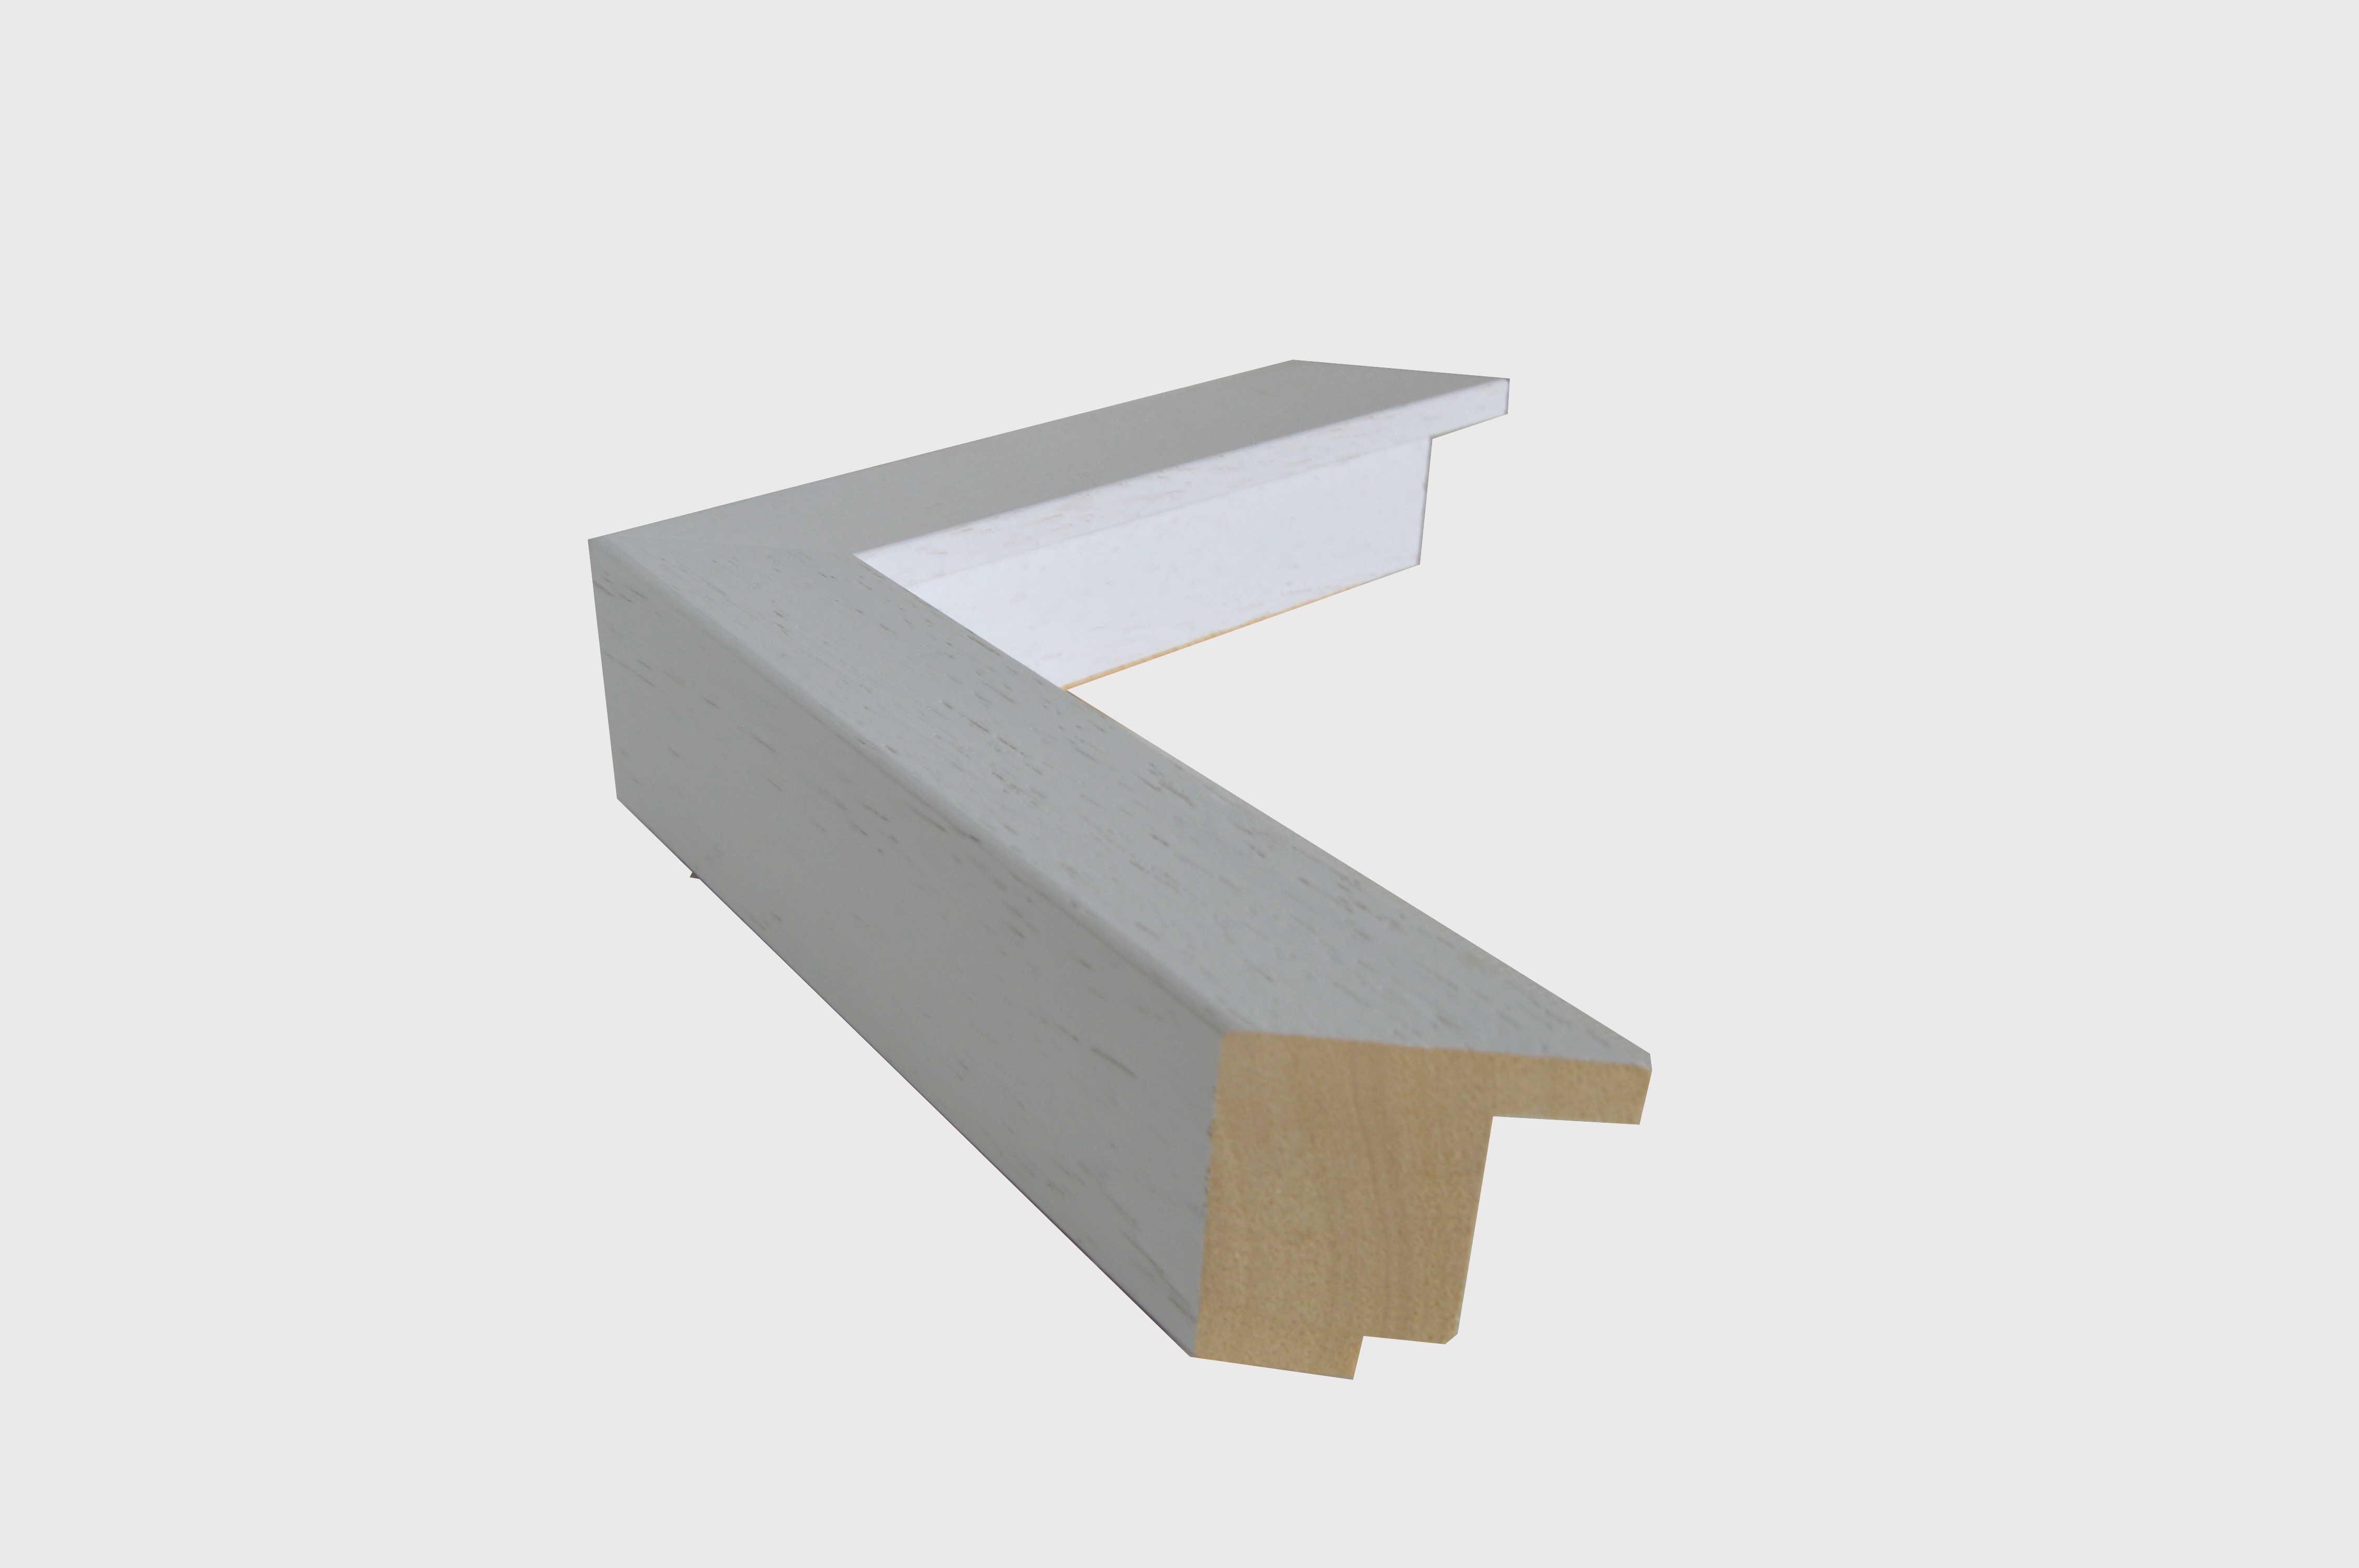 00611-100-BRANCO-ancho3.1cm-perfil